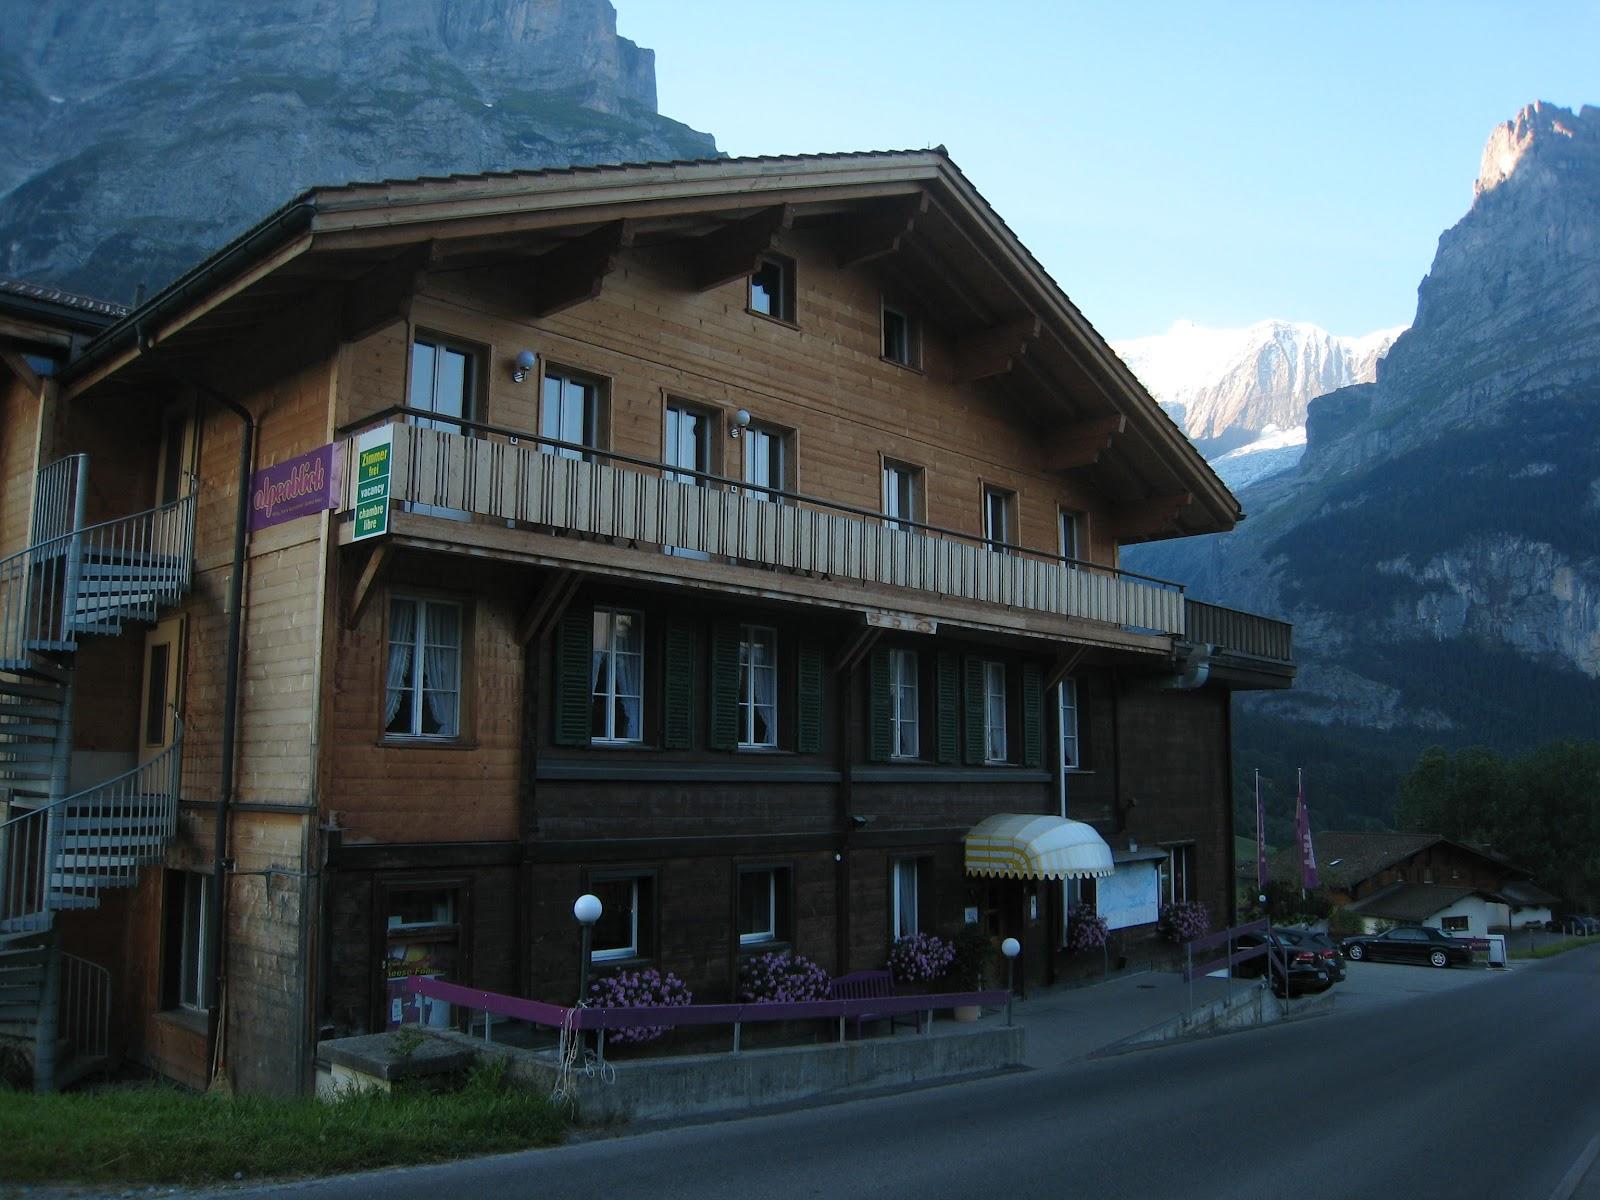 Auf Guten Wegen Andreas OutdoorBlog Via Alpina Grindelwald - Hotel alpina grindelwald